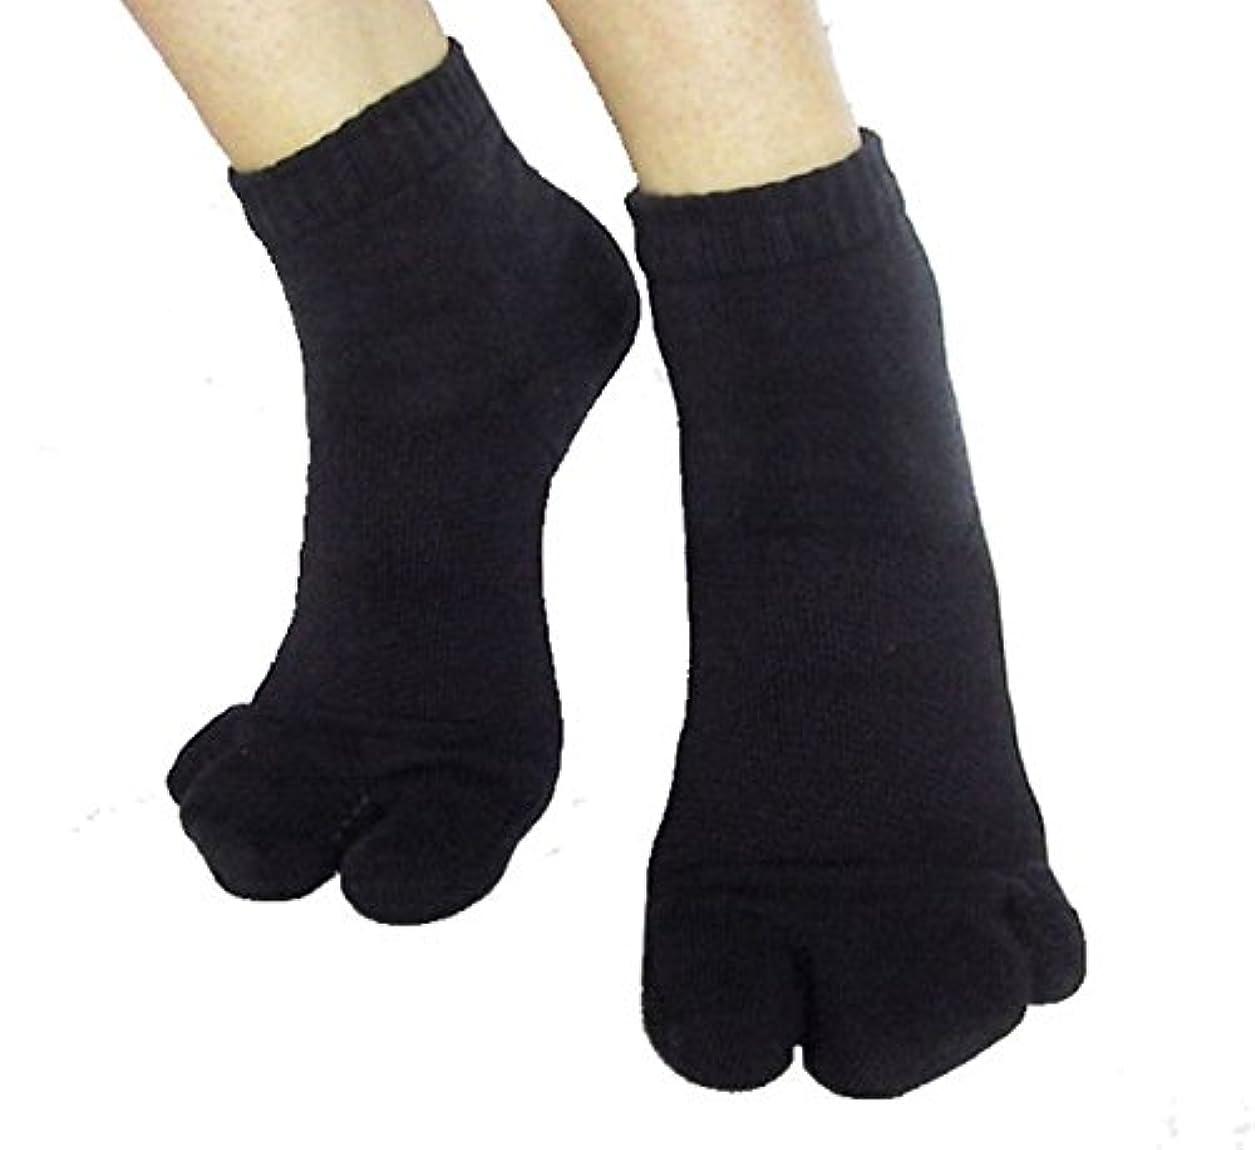 分意外流行カサハラ式サポーター ホソックス3本指テーピング靴下 ブラック S22-23cm